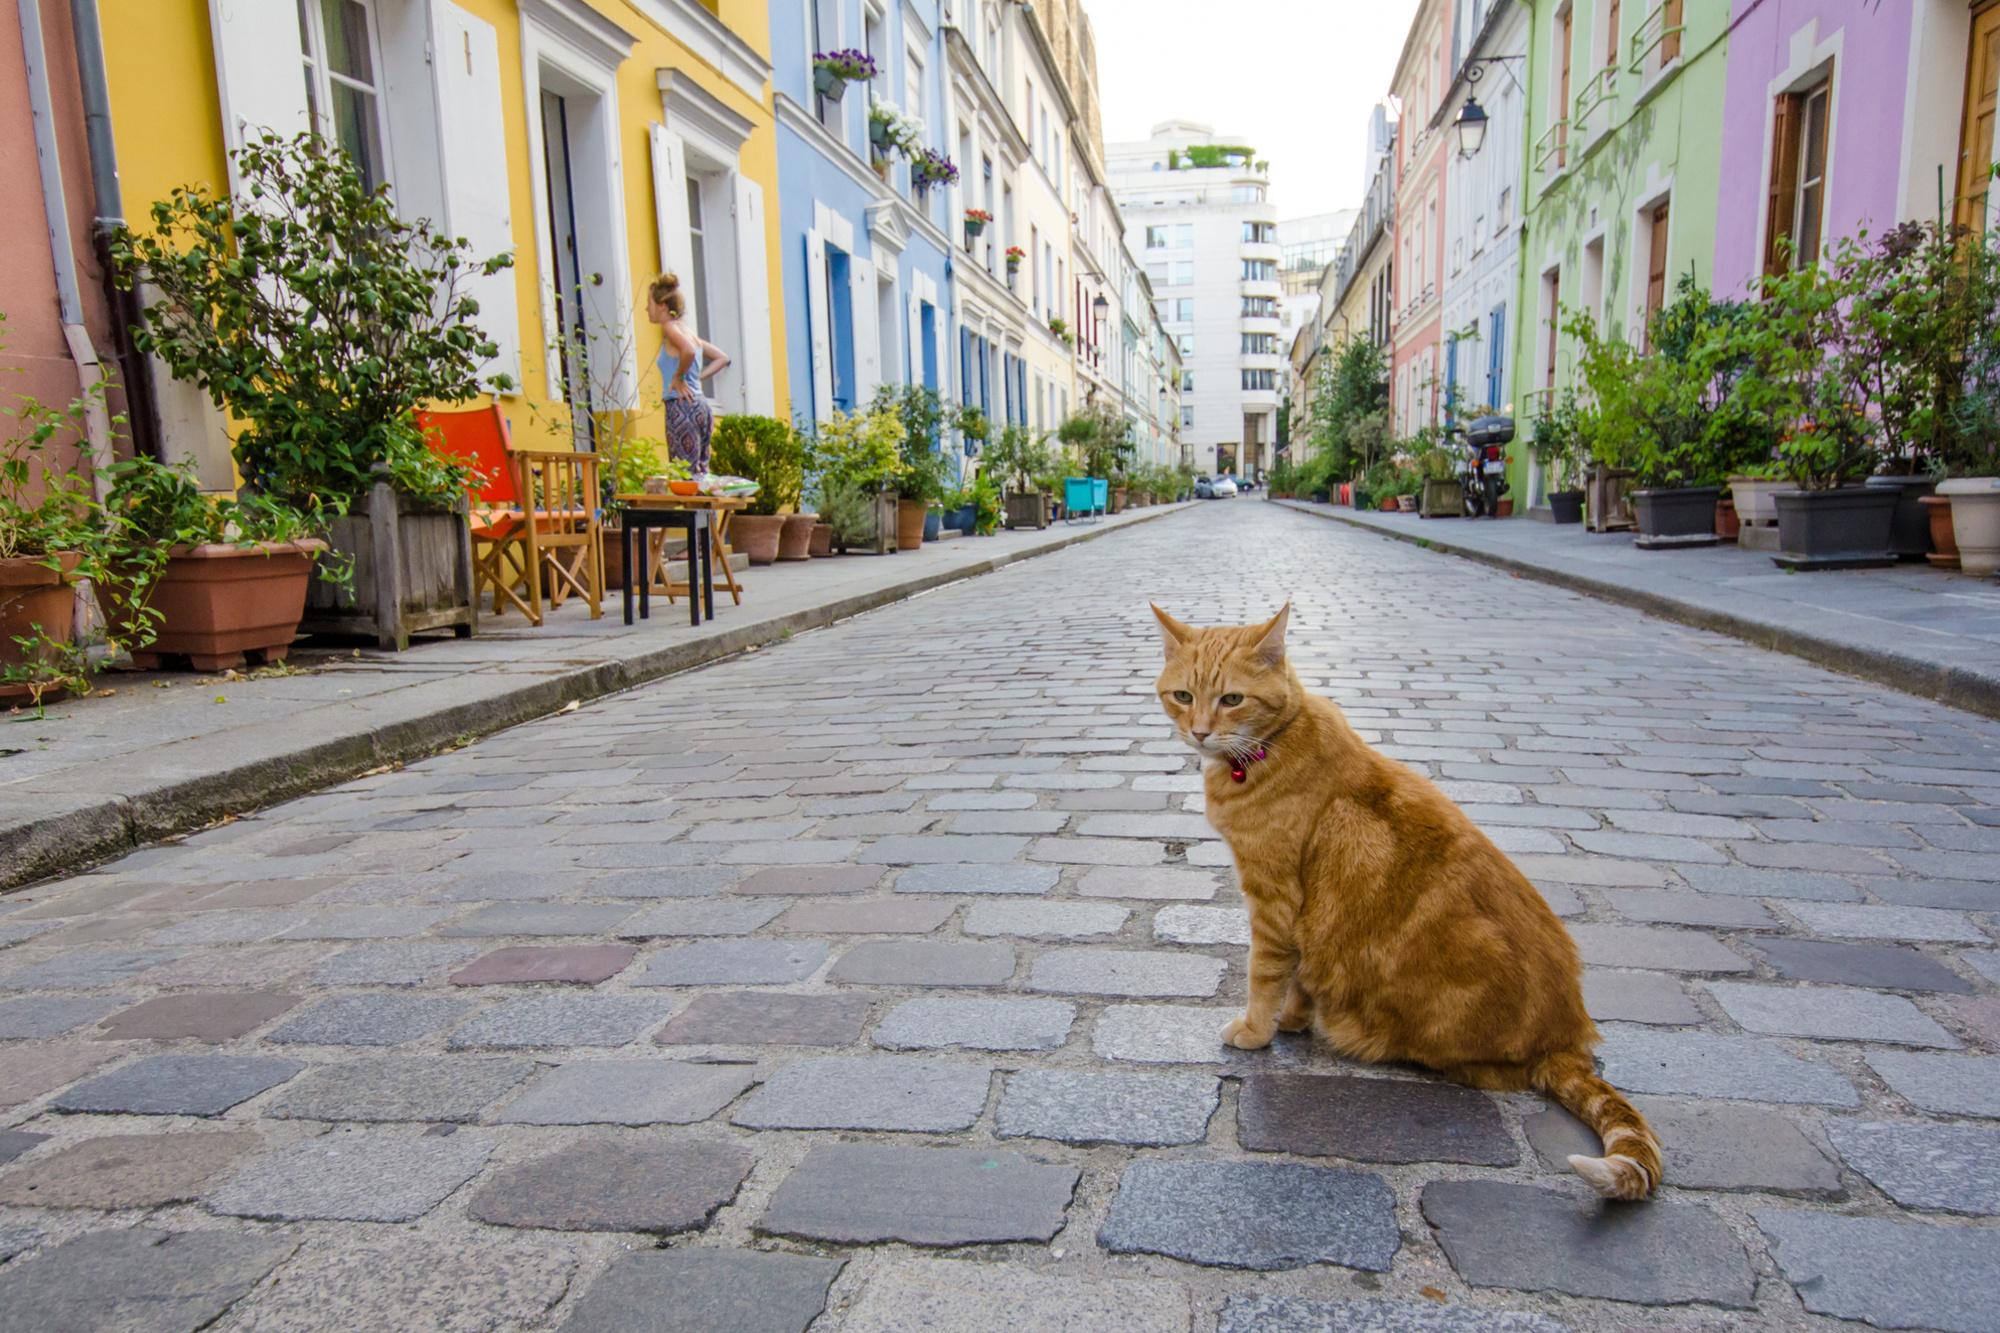 Rue Crémieux in Parijs., Getty